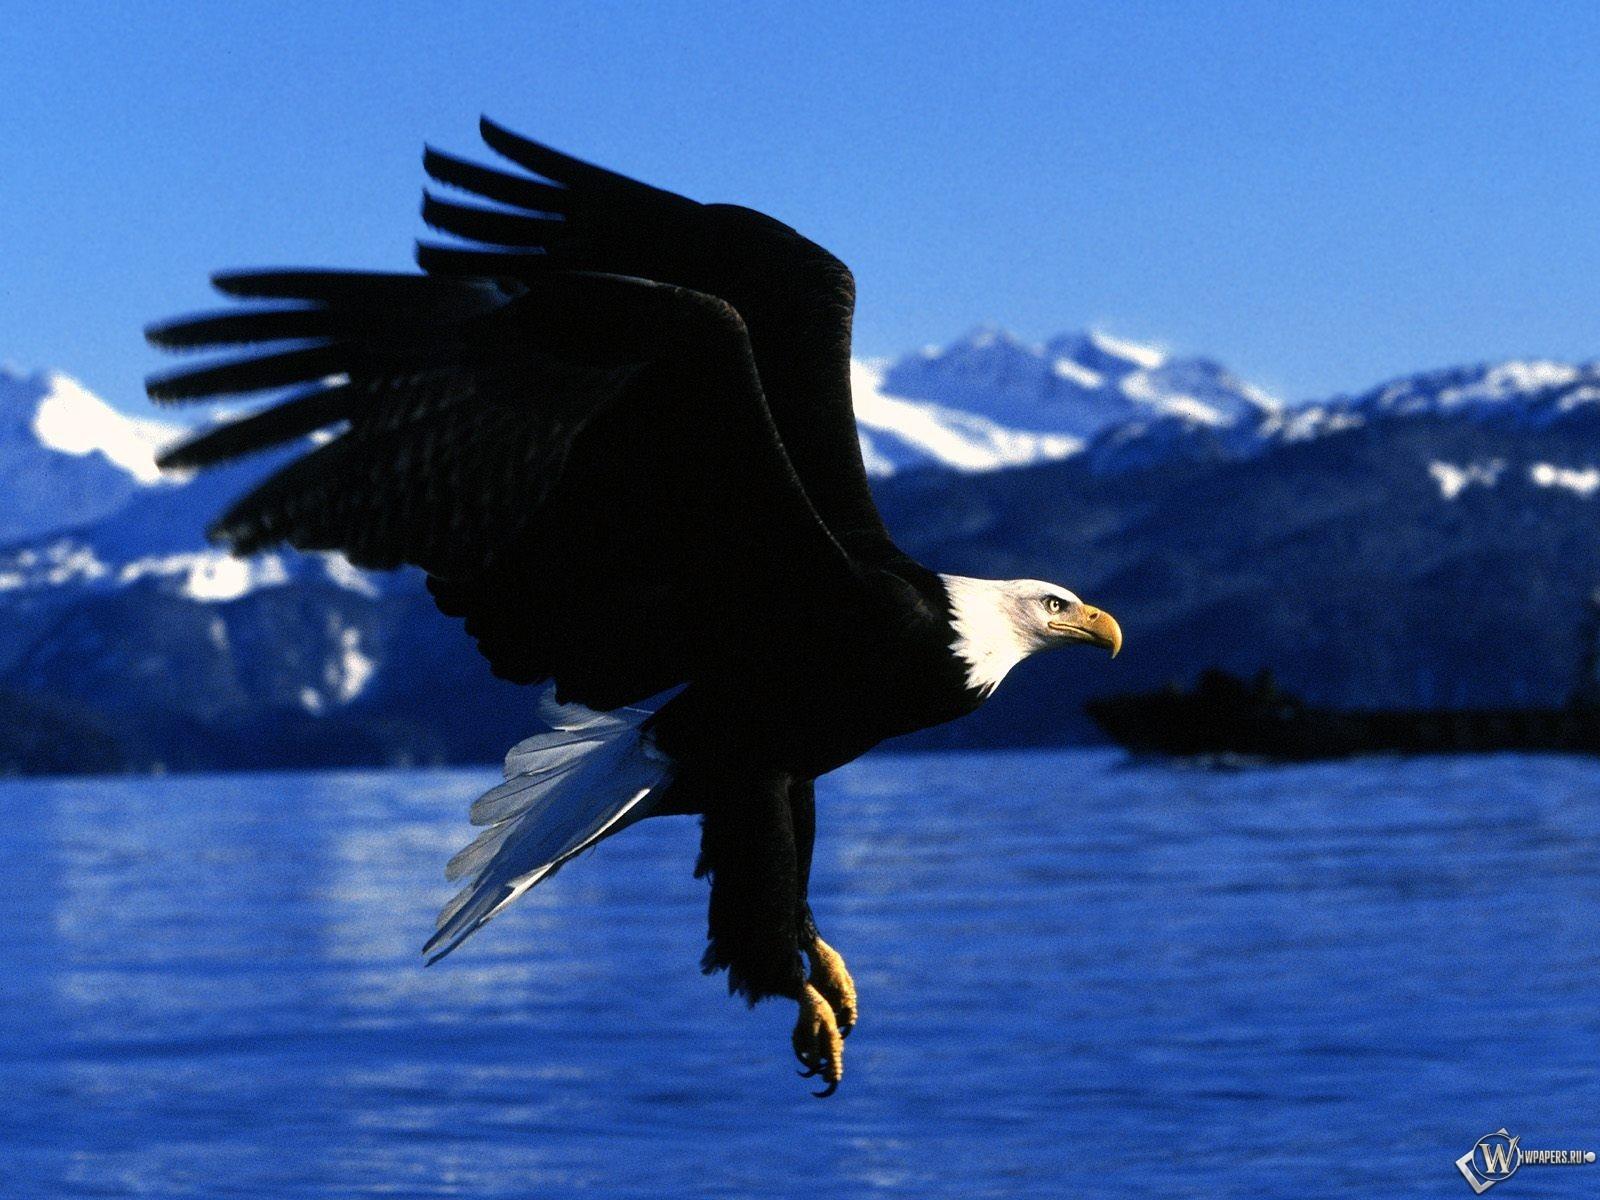 Орел готовится схватить 1600x1200